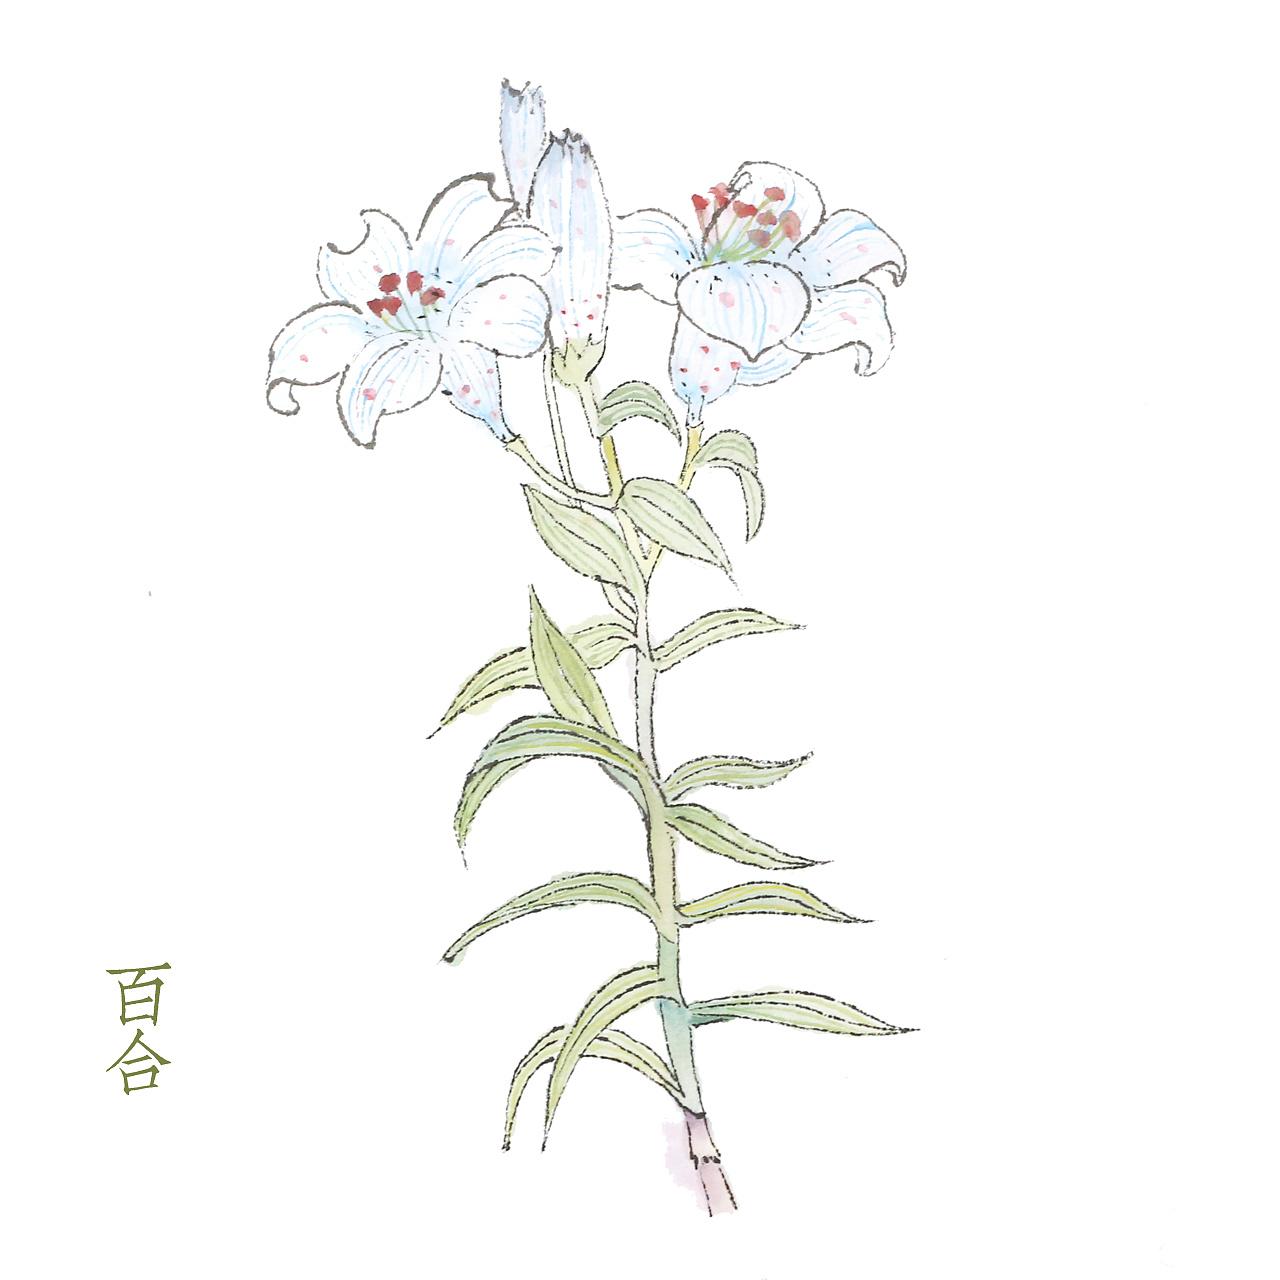 植物彩色线稿高清图